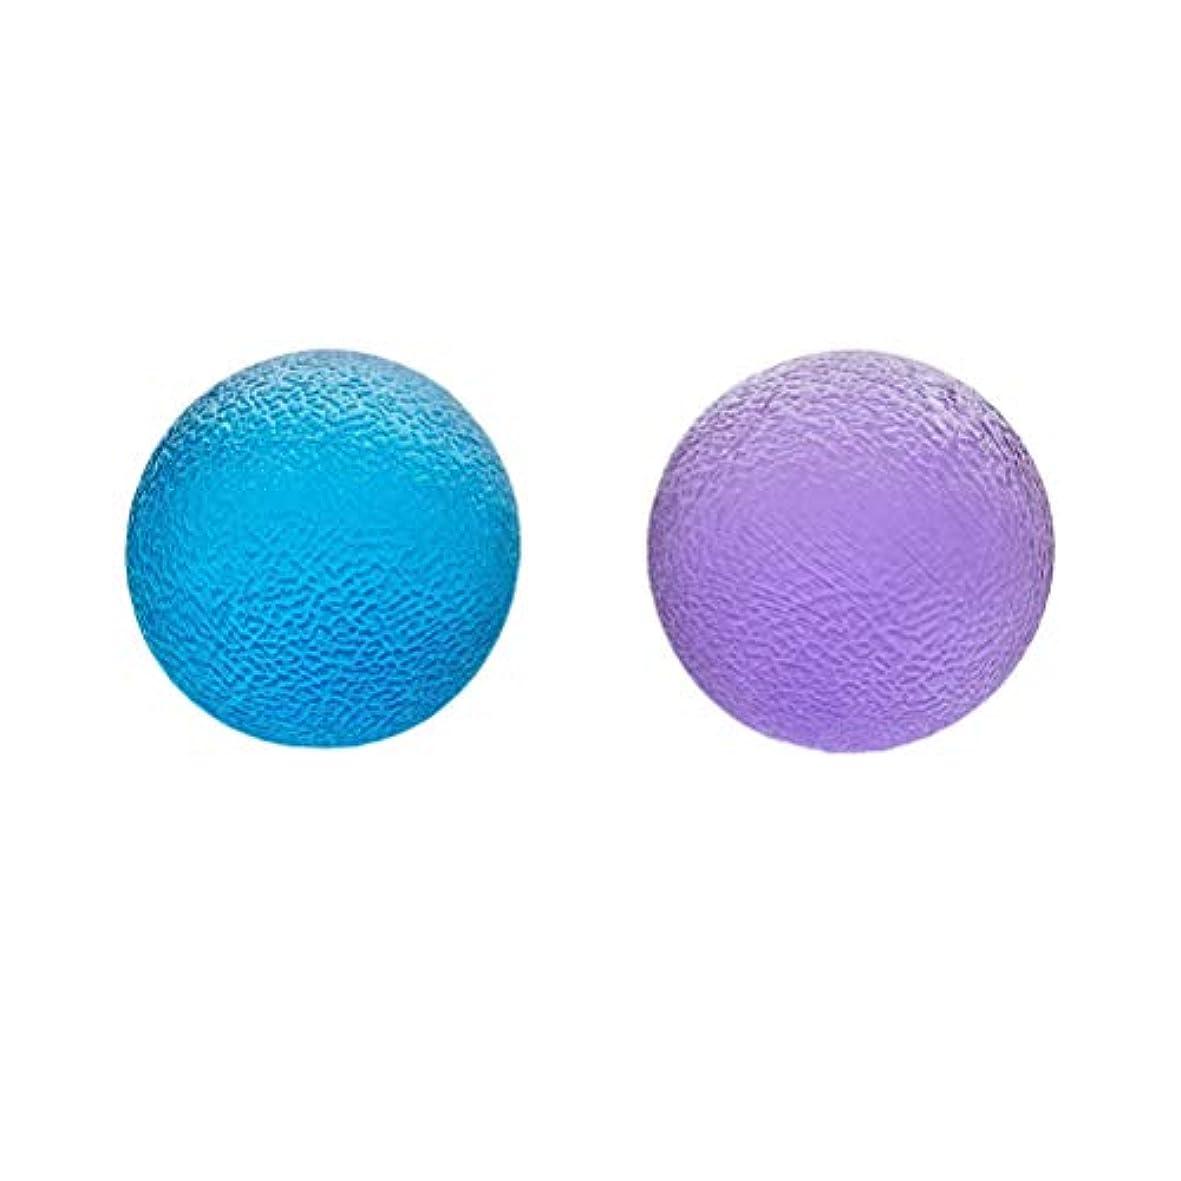 持っている重要性曖昧なHealifty ハンドストレスボールセラピーボールストレス解消のためにハンドグリップボールを絞る関節炎の痛みを軽減するセラピー強化治療2個(青と紫)